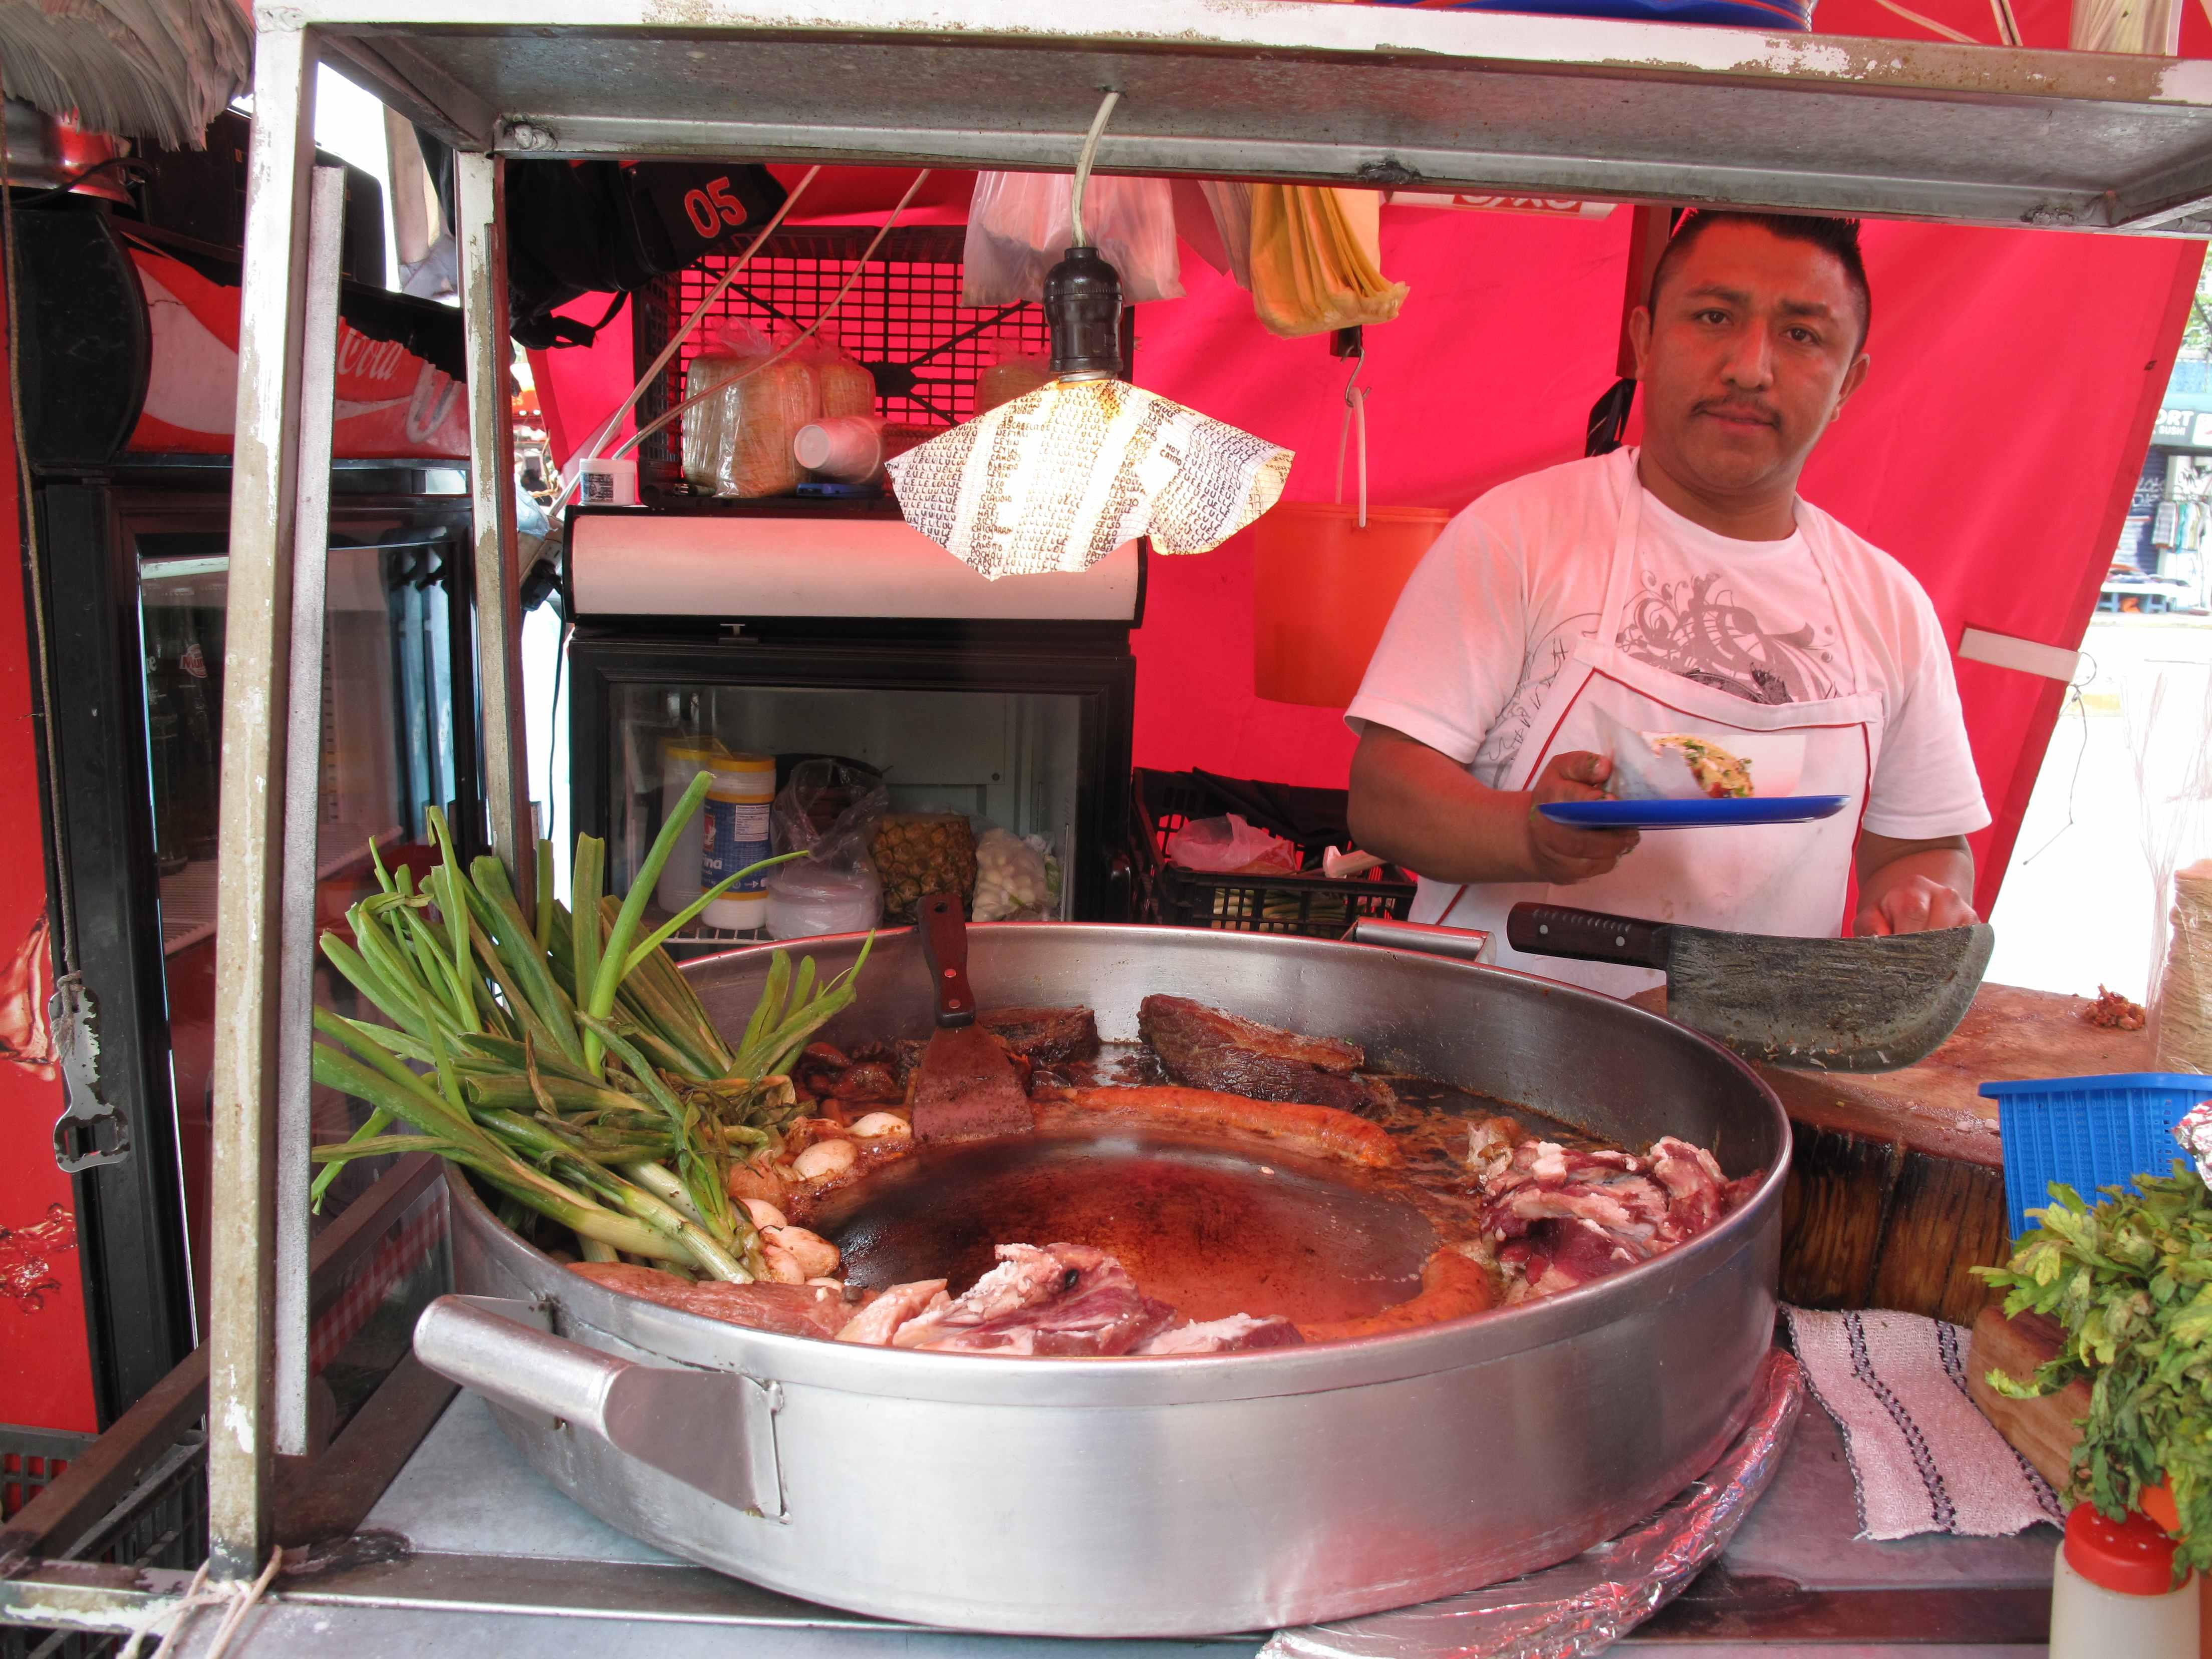 Mexico, MEX: How Tacos Explain Mexico's Labor Market